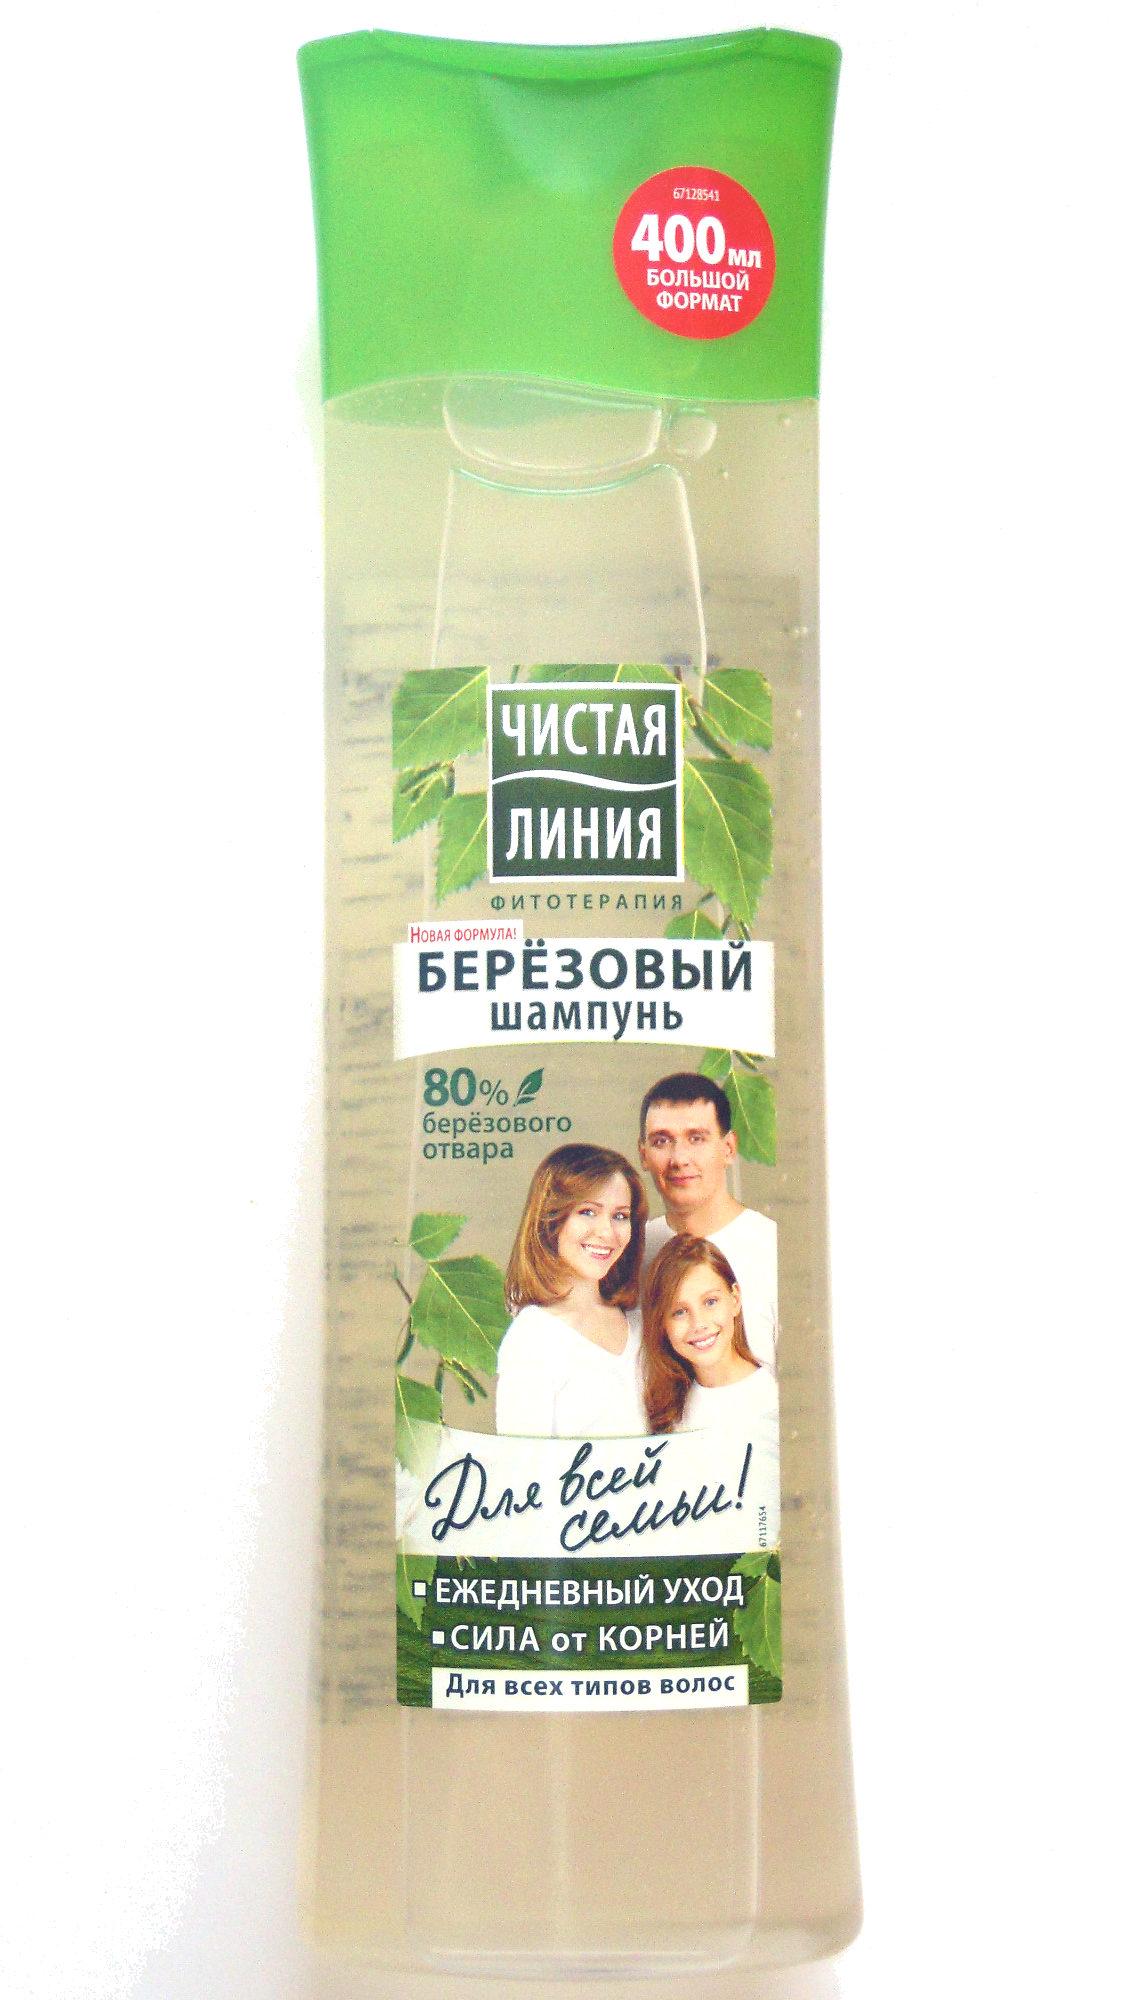 Берёзовый шампунь - Product